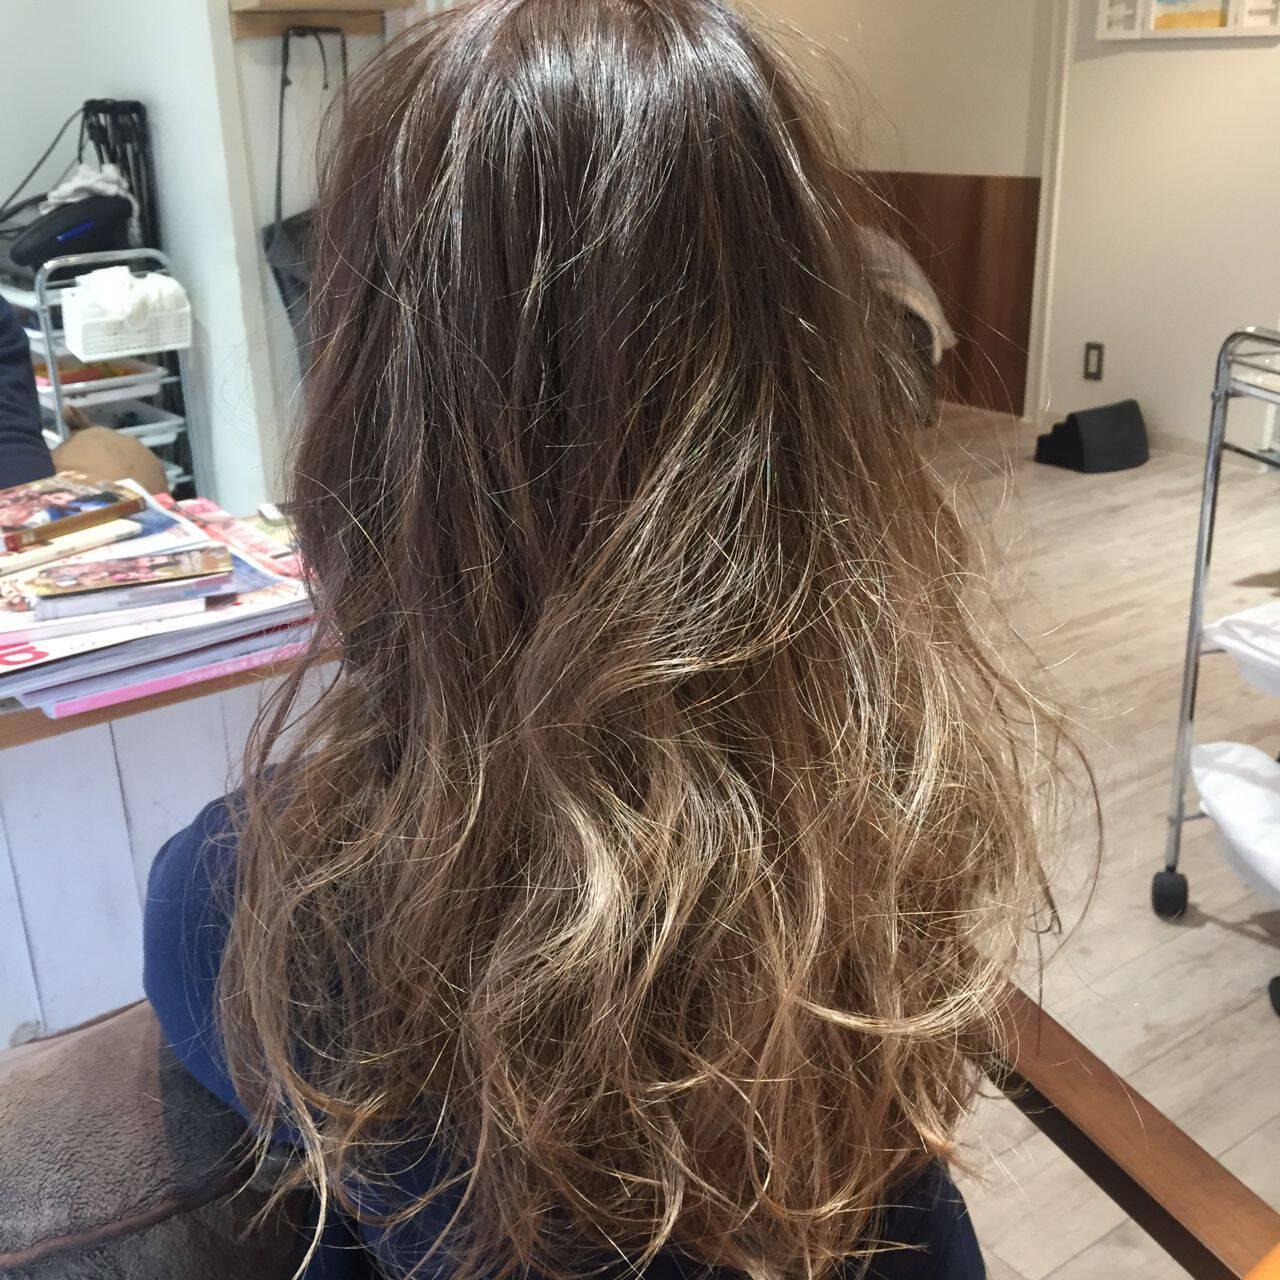 ブラウンベージュ 外国人風 ロング グラデーションカラーヘアスタイルや髪型の写真・画像